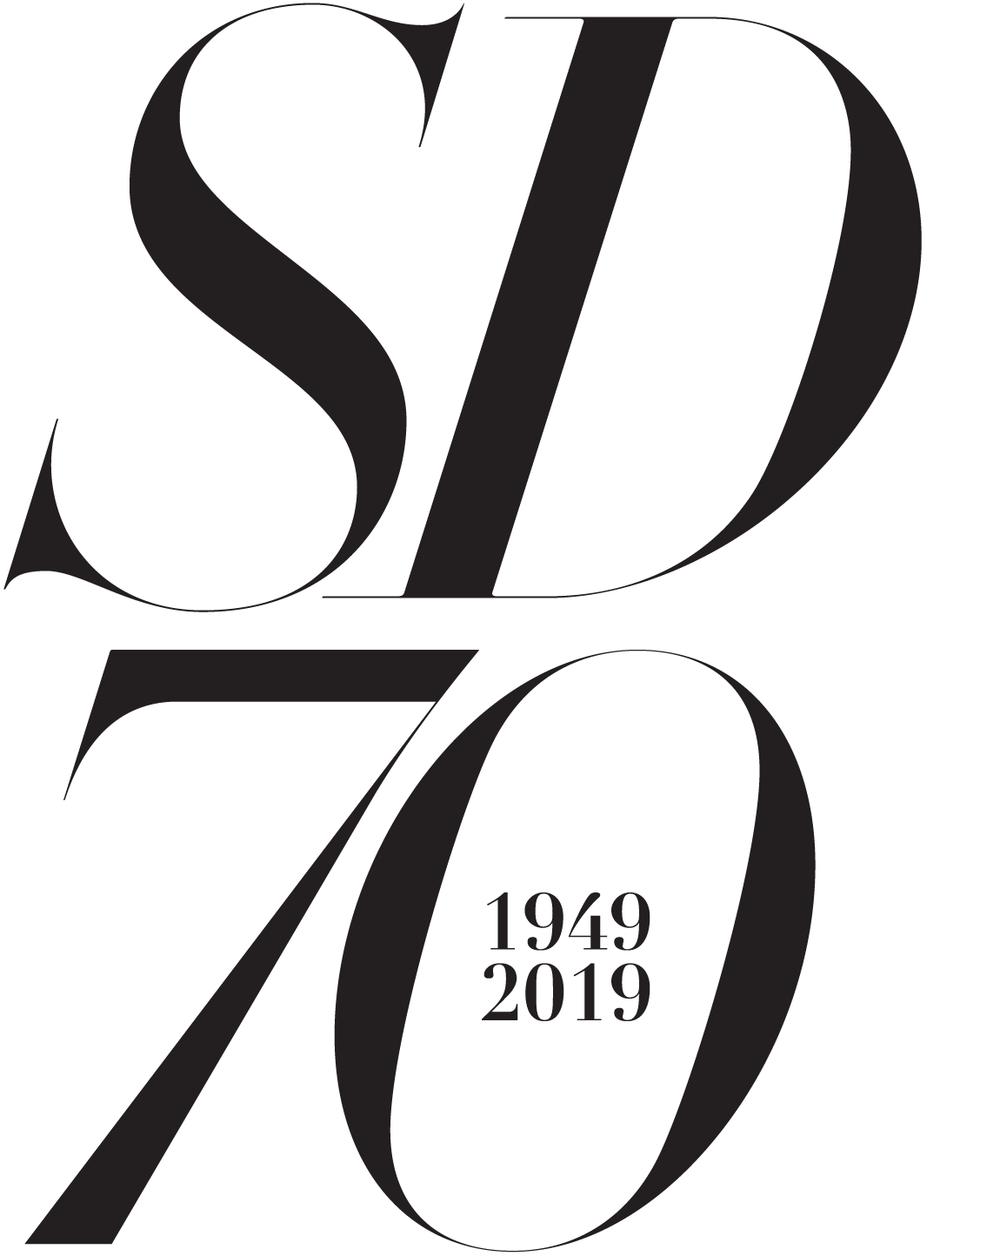 SD70 Logos Final-03.png